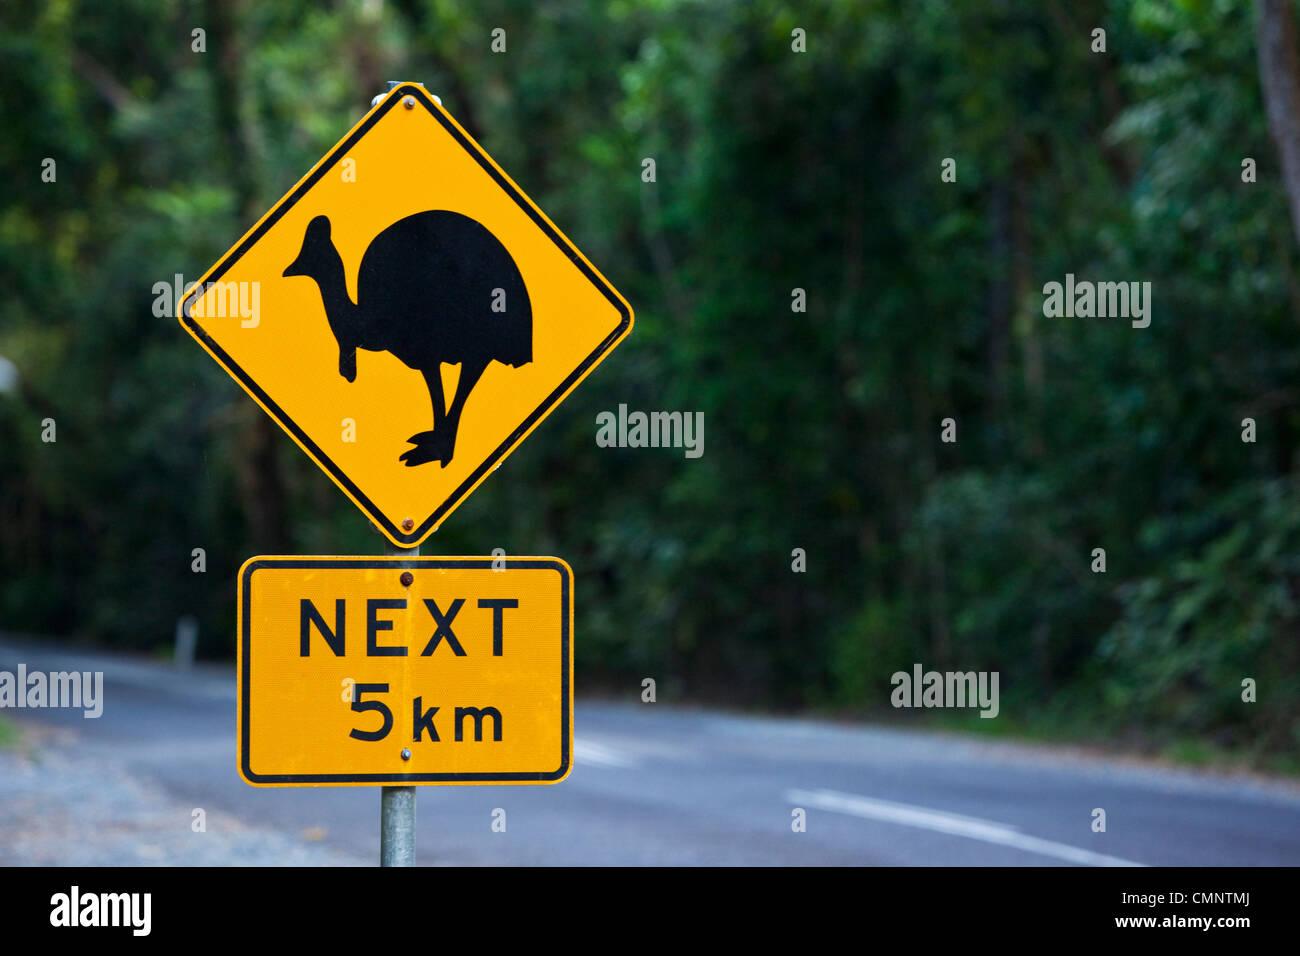 Casuario segno di attraversamento. Parco Nazionale Daintree, Daintree, Queensland, Australia Immagini Stock